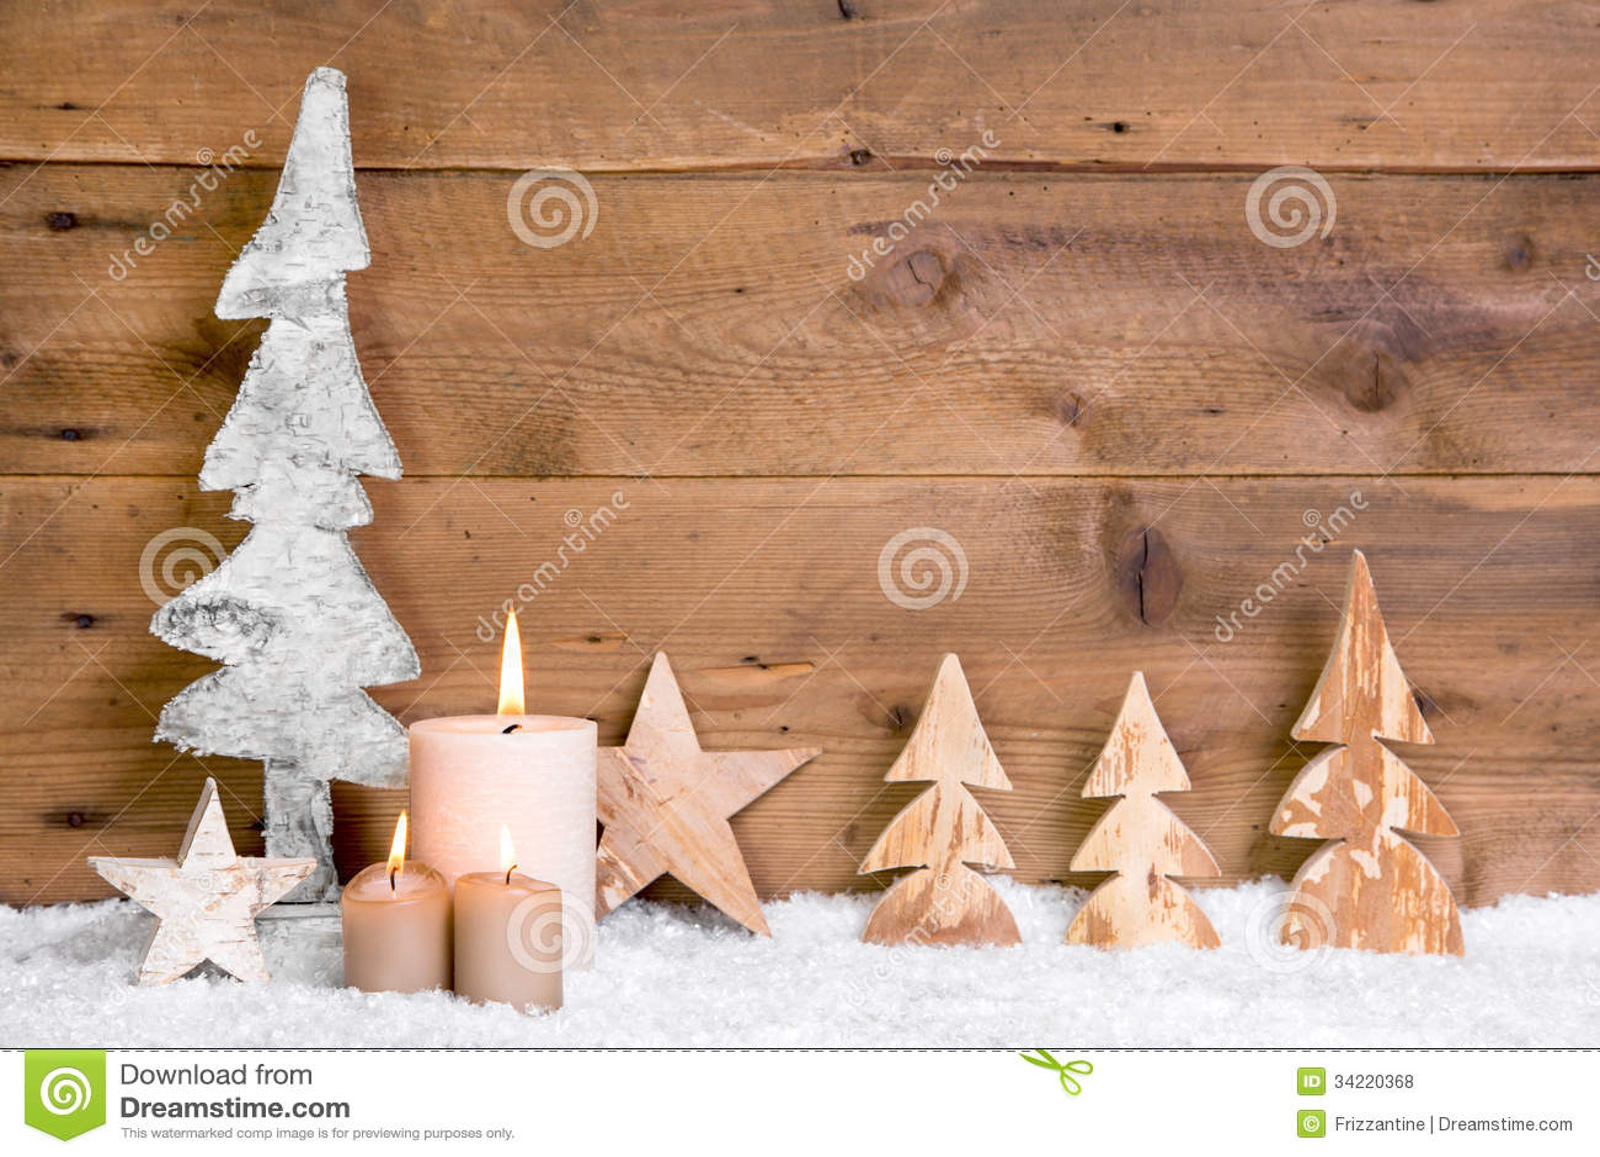 weihnachtsdekoration h lzerne b ume sterne kerzen und. Black Bedroom Furniture Sets. Home Design Ideas